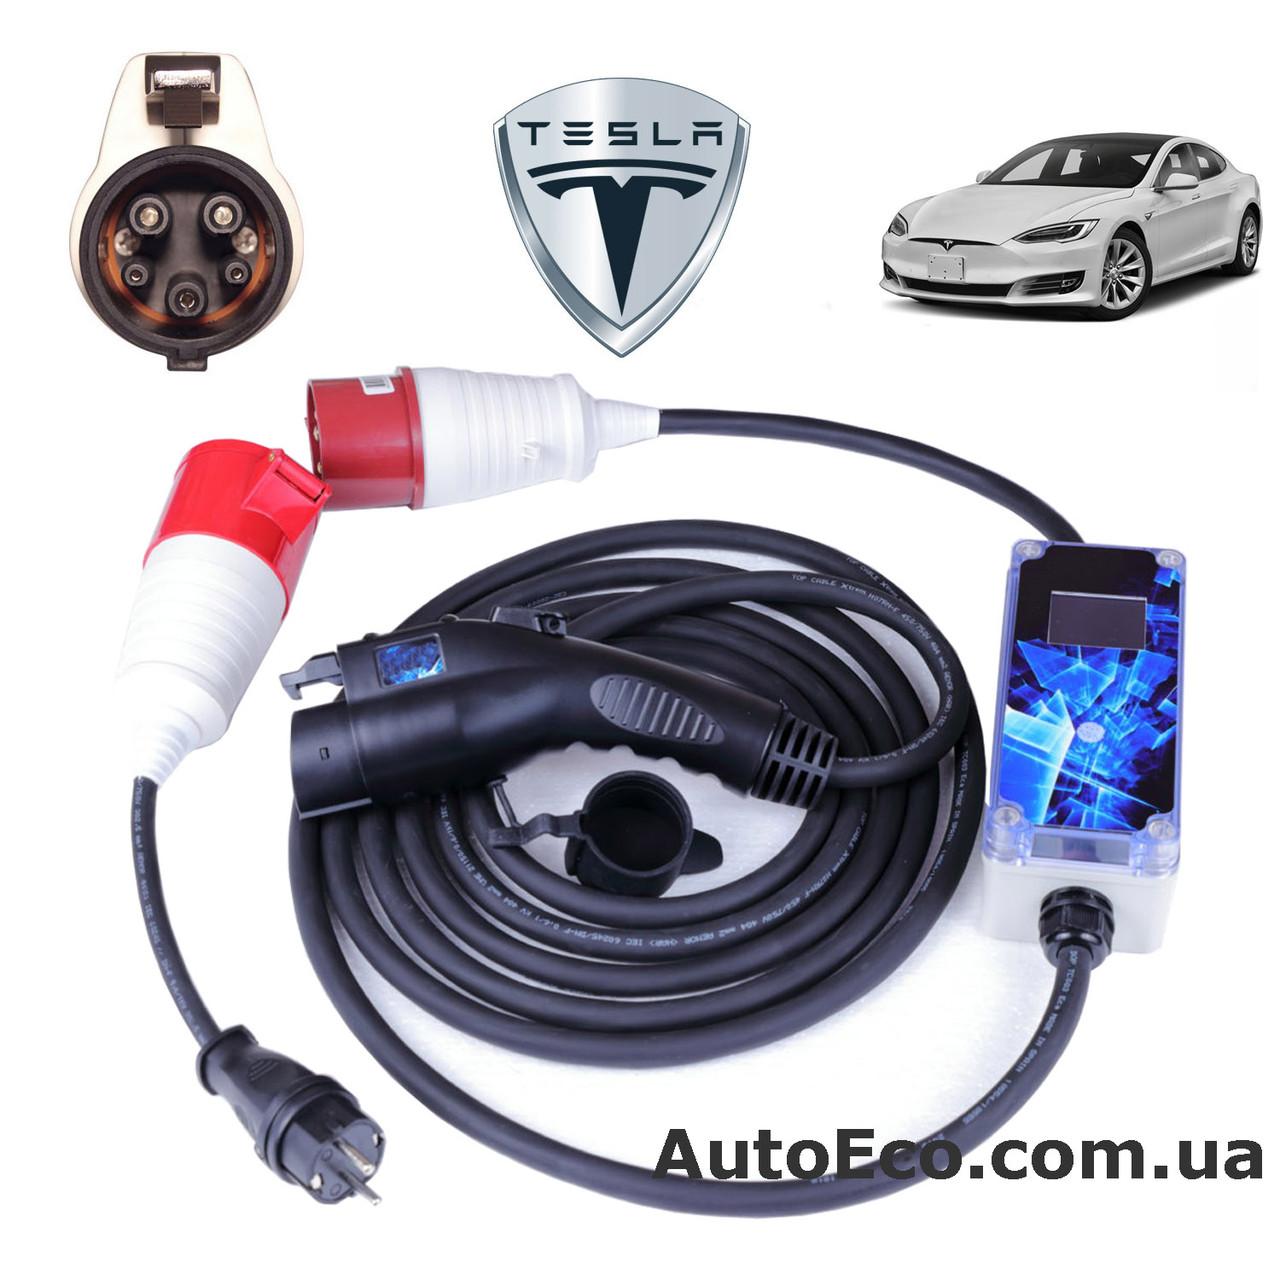 Зарядное устройство для электромобиля Tesla Model S AutoEco J1772-32A-Wi-Fi